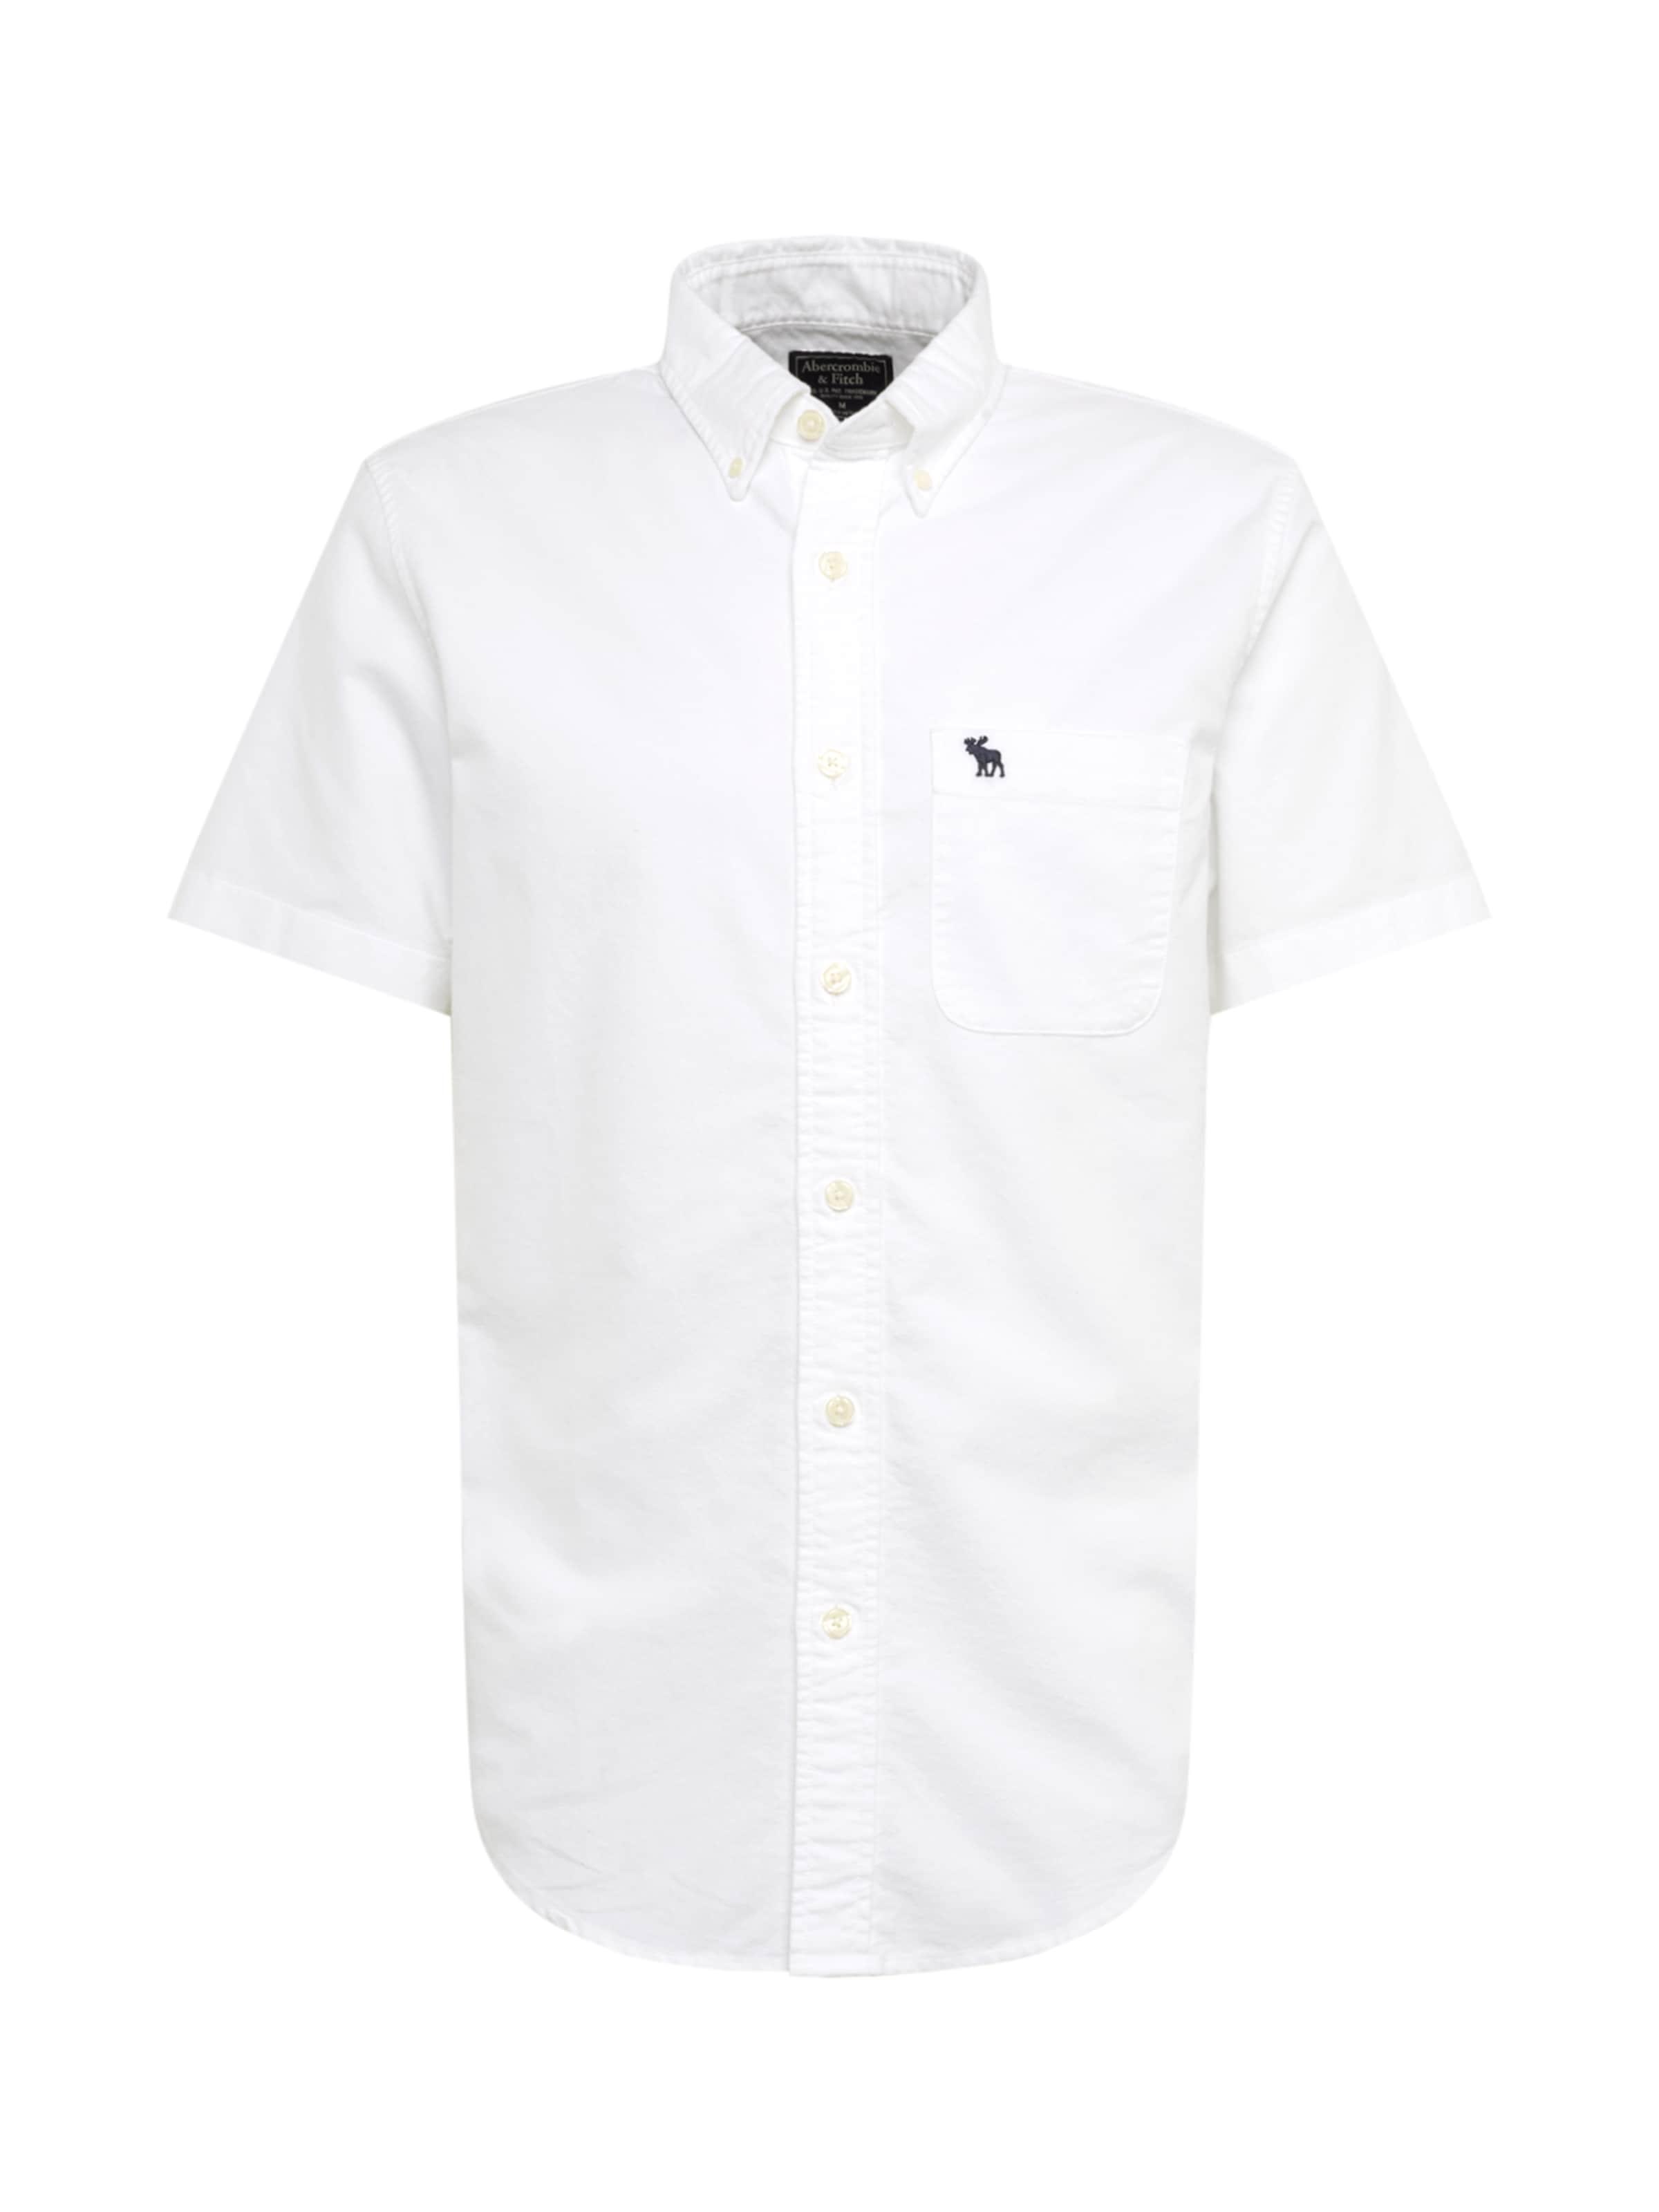 Fitch Oxforddtc 'ss Abercrombieamp; Hemd Weiß In ' c1JKFl